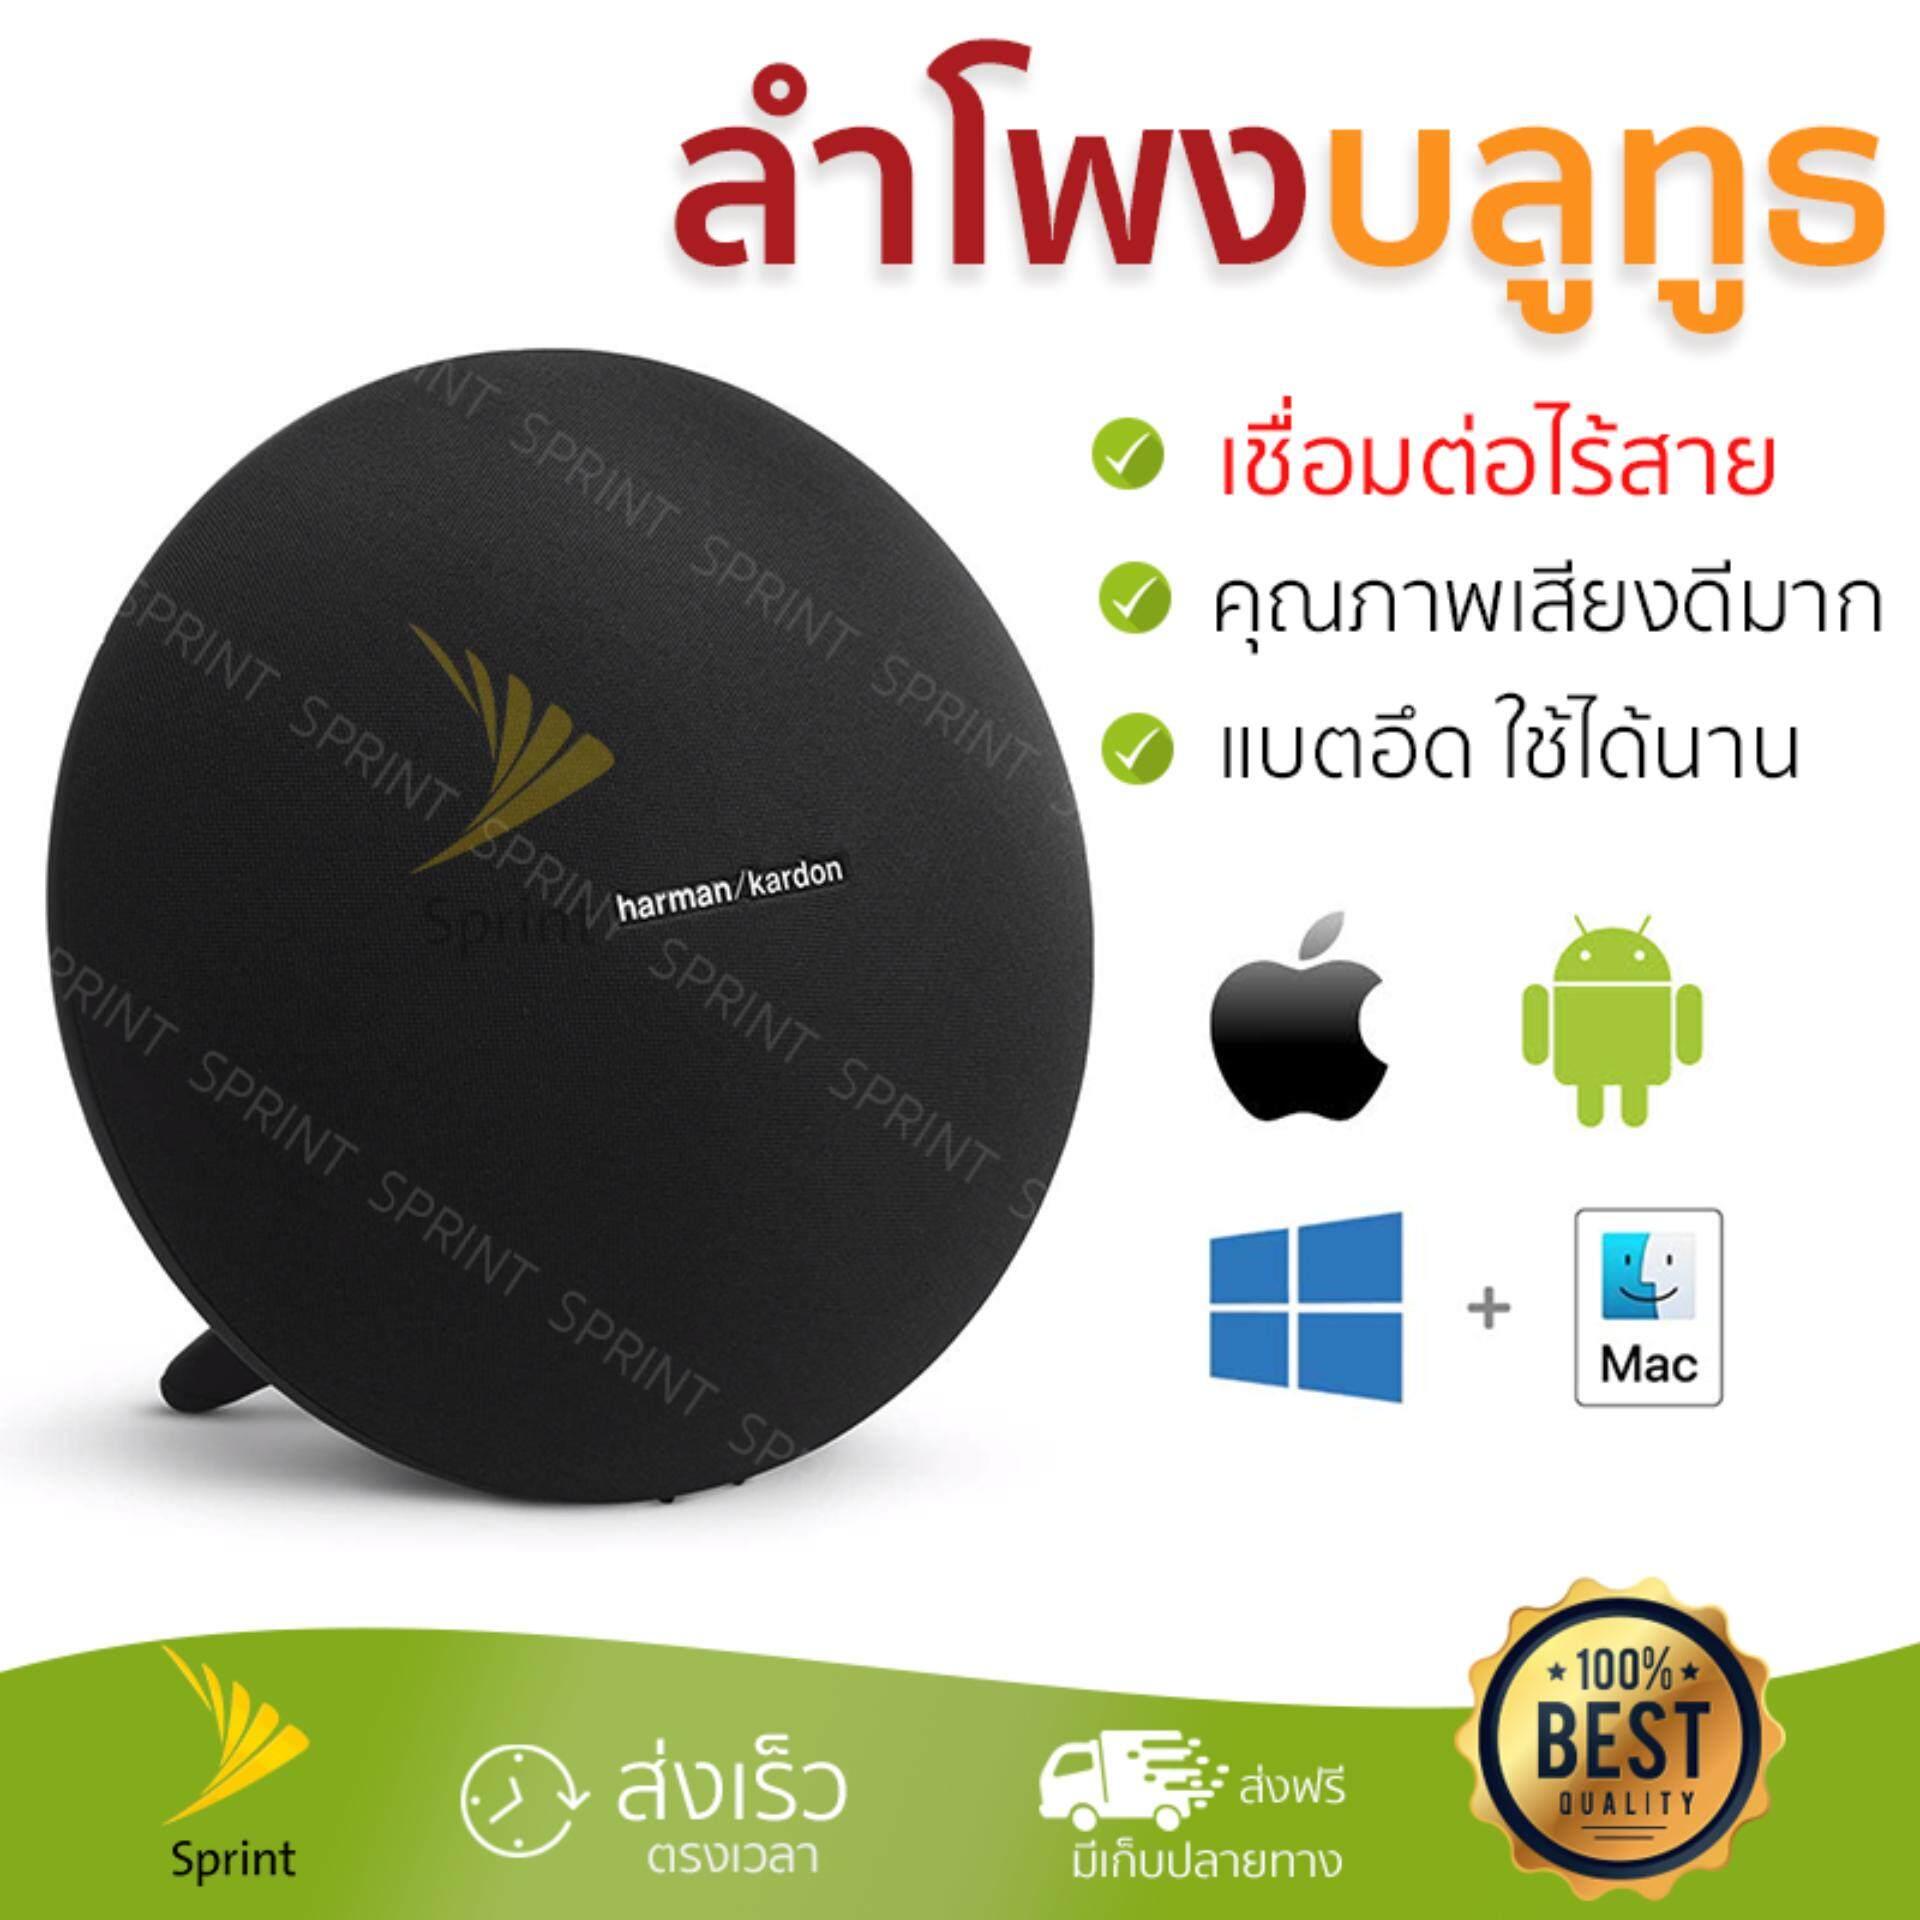 ยี่ห้อไหนดี  เชียงราย จัดส่งฟรี ลำโพงบลูทูธ  Harman Kardon Bluetooth Speaker 2.1 Onyx Studio4 Black เสียงใส คุณภาพเกินตัว Wireless Bluetooth Speaker รับประกัน 1 ปี